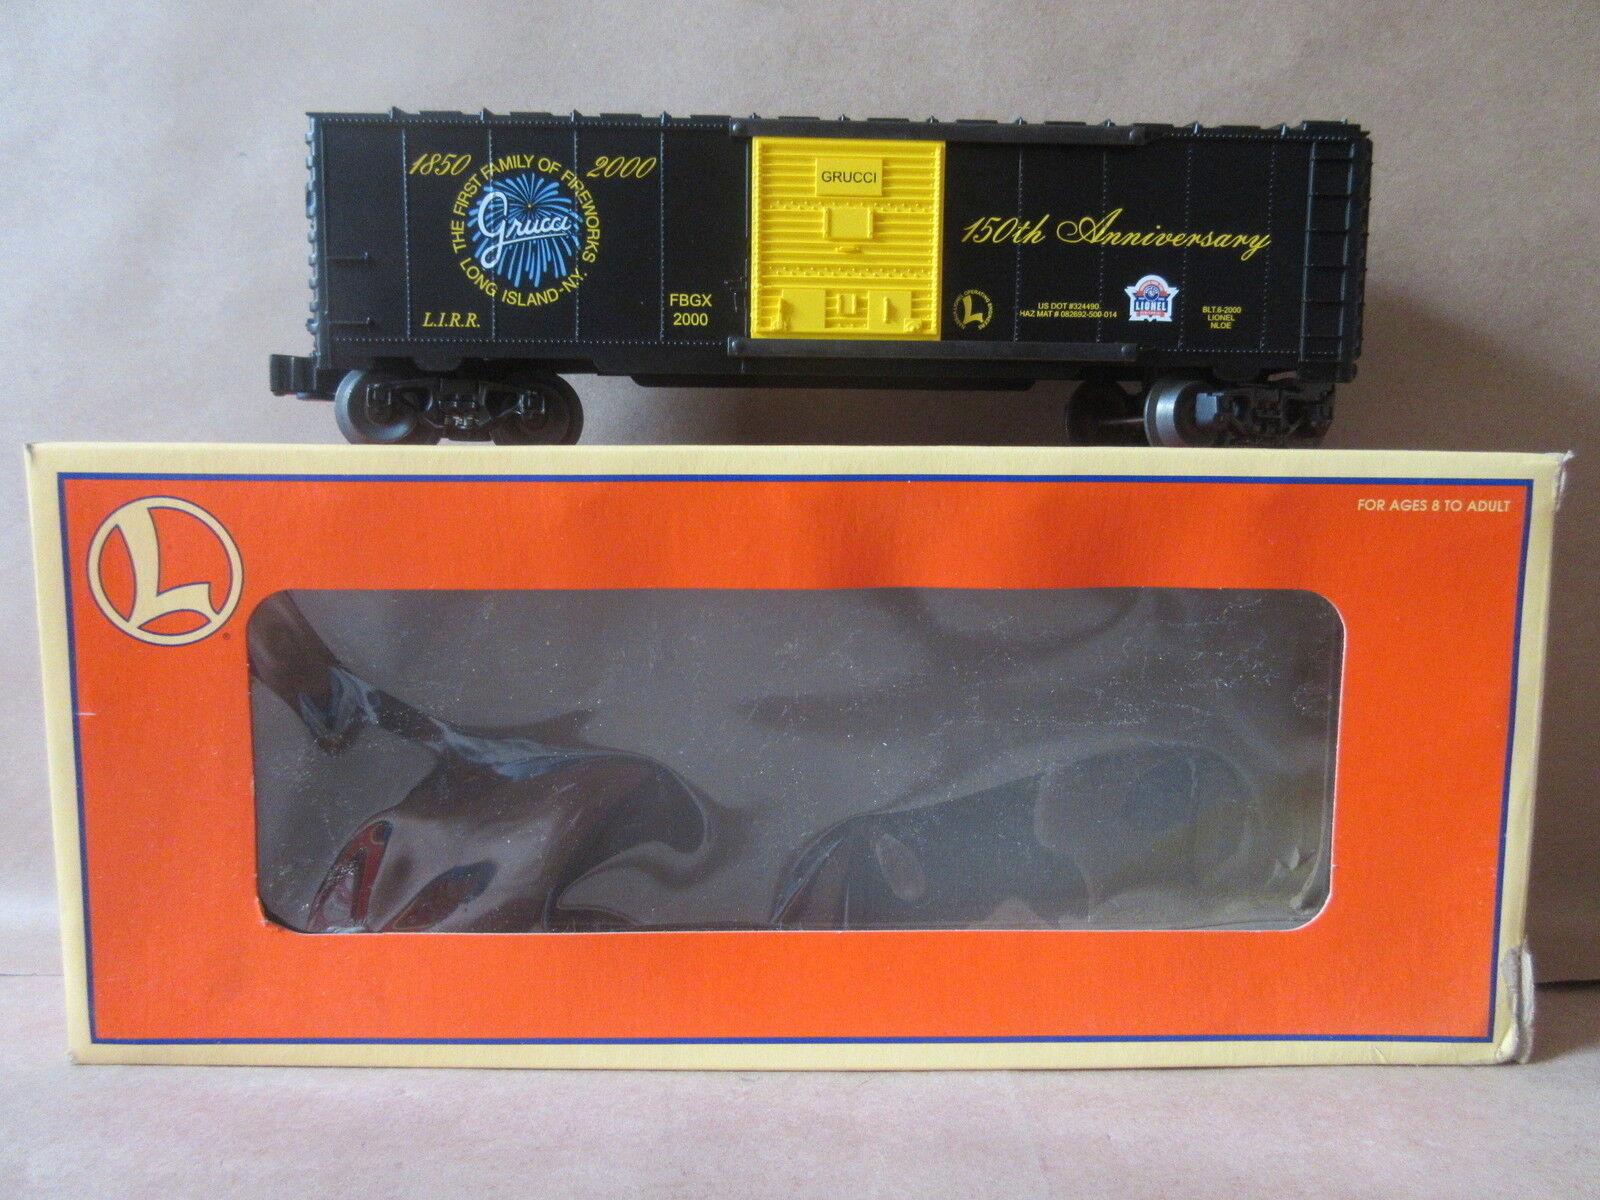 Tren Lionel Modelo 6-52186 nloe Grucci Caja Auto o escala